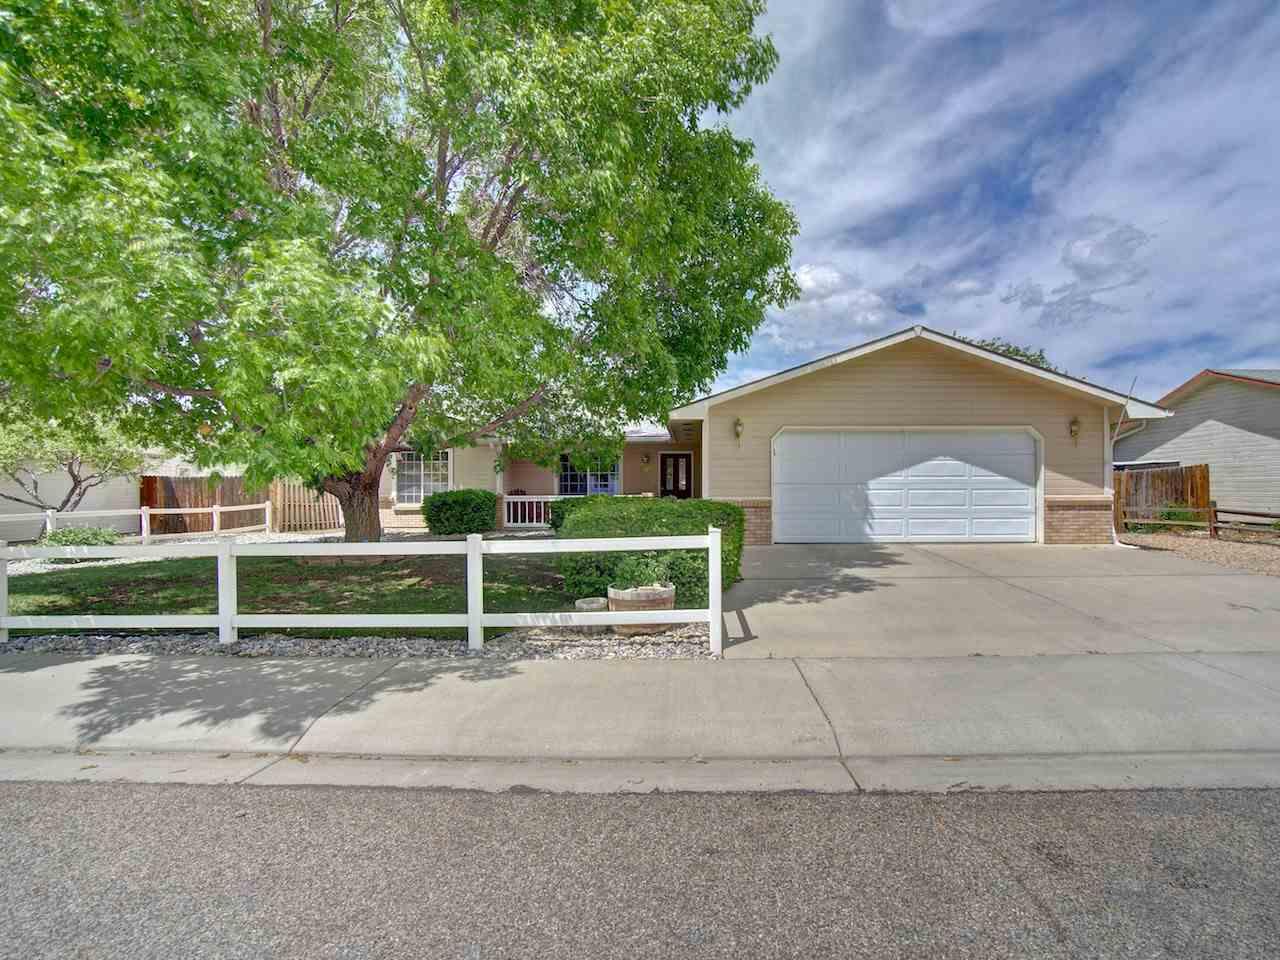 587 Pioneer Road, Grand Junction, CO 81504